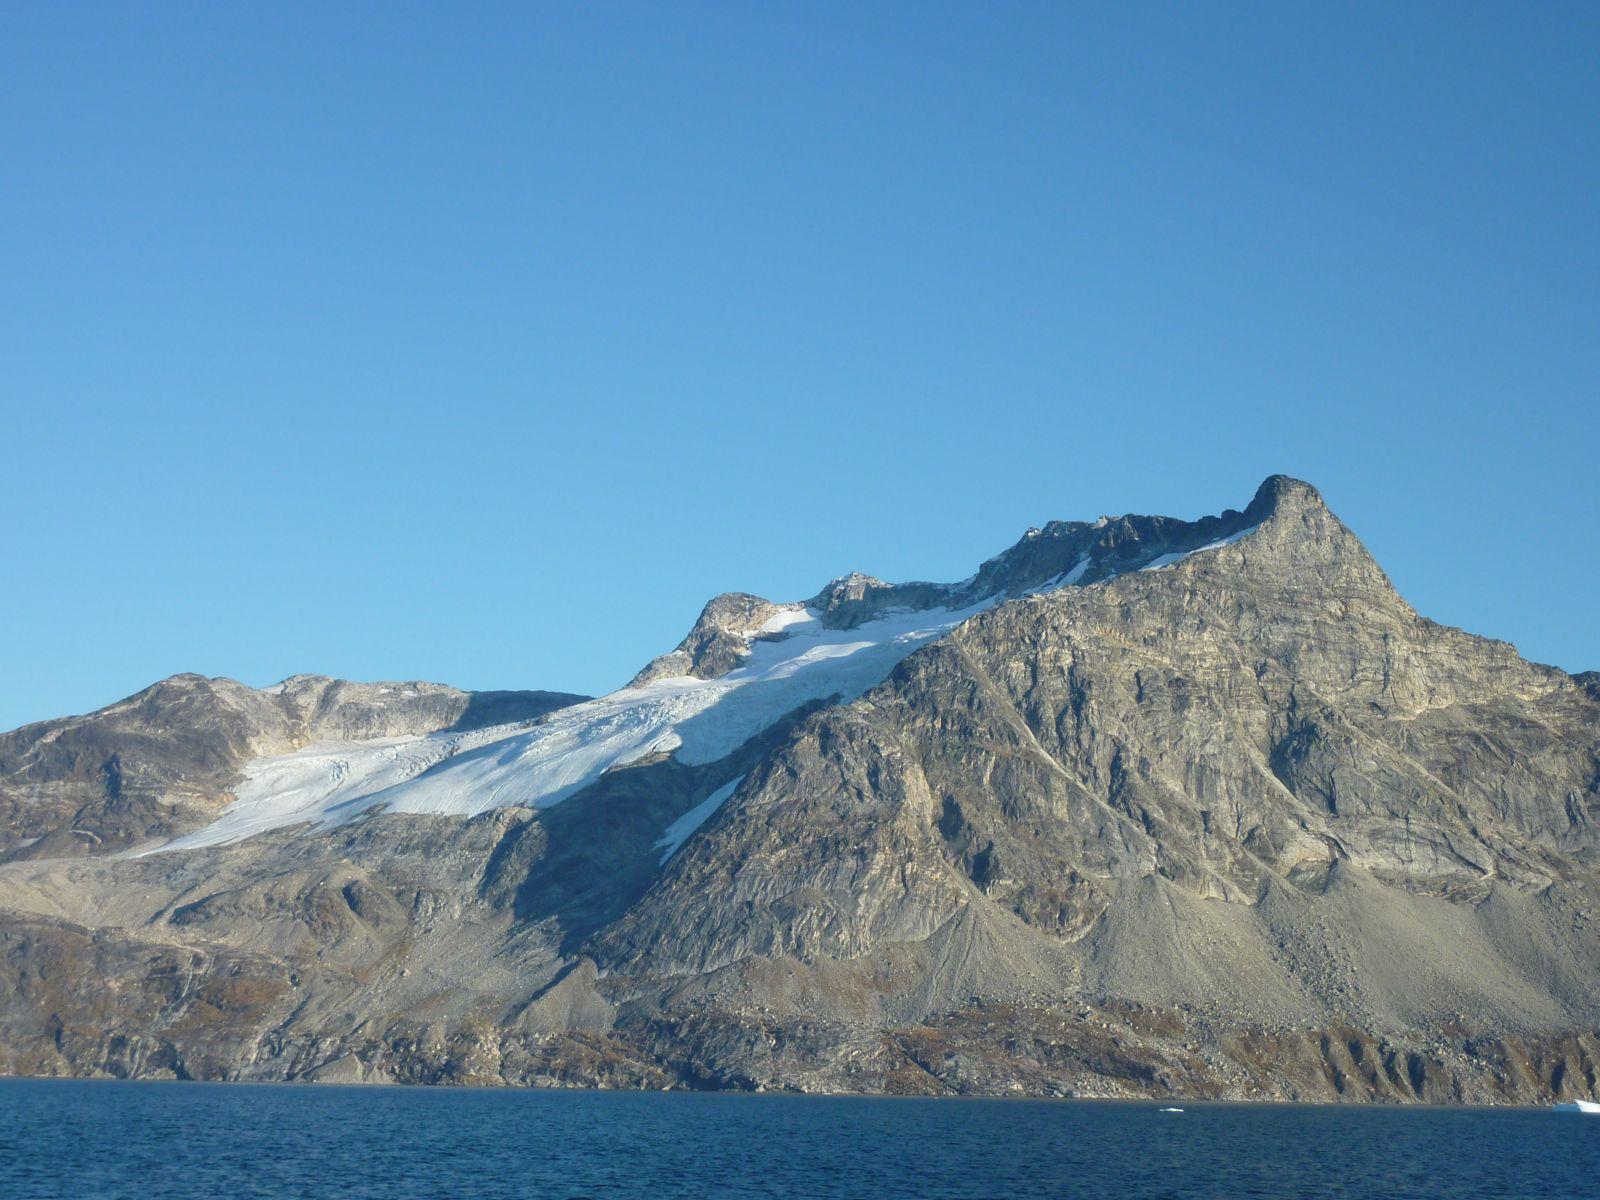 2010-09-17-1816_-_Sermitsiaq